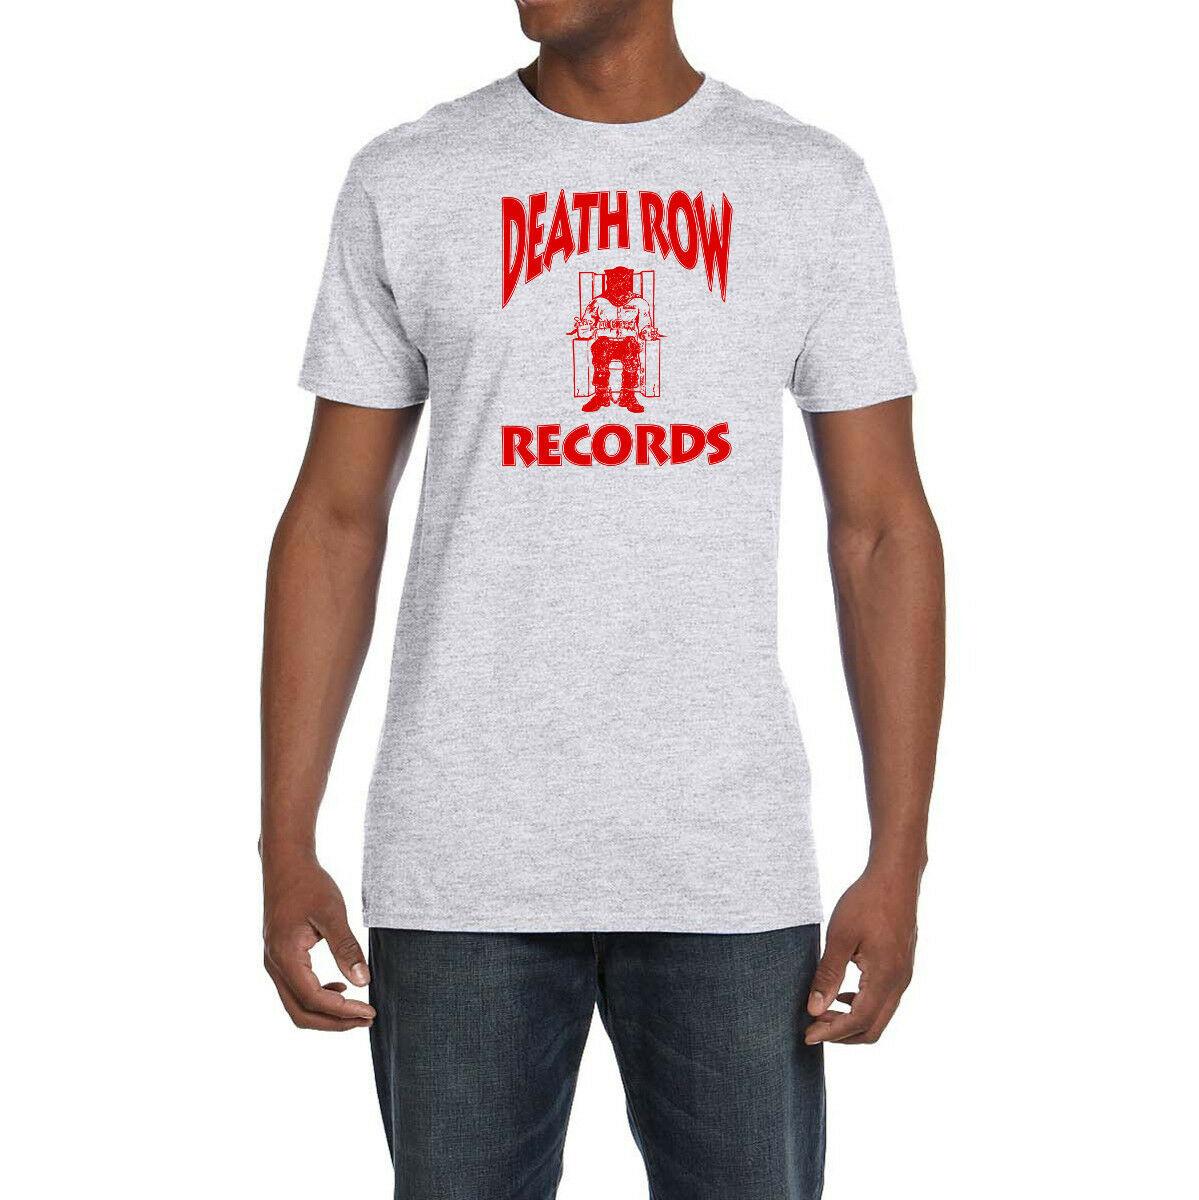 Camiseta retro con Logo rojo de Death Row, Rap, Hip Hop, 2Pac, Compton, All Eyez, nueva